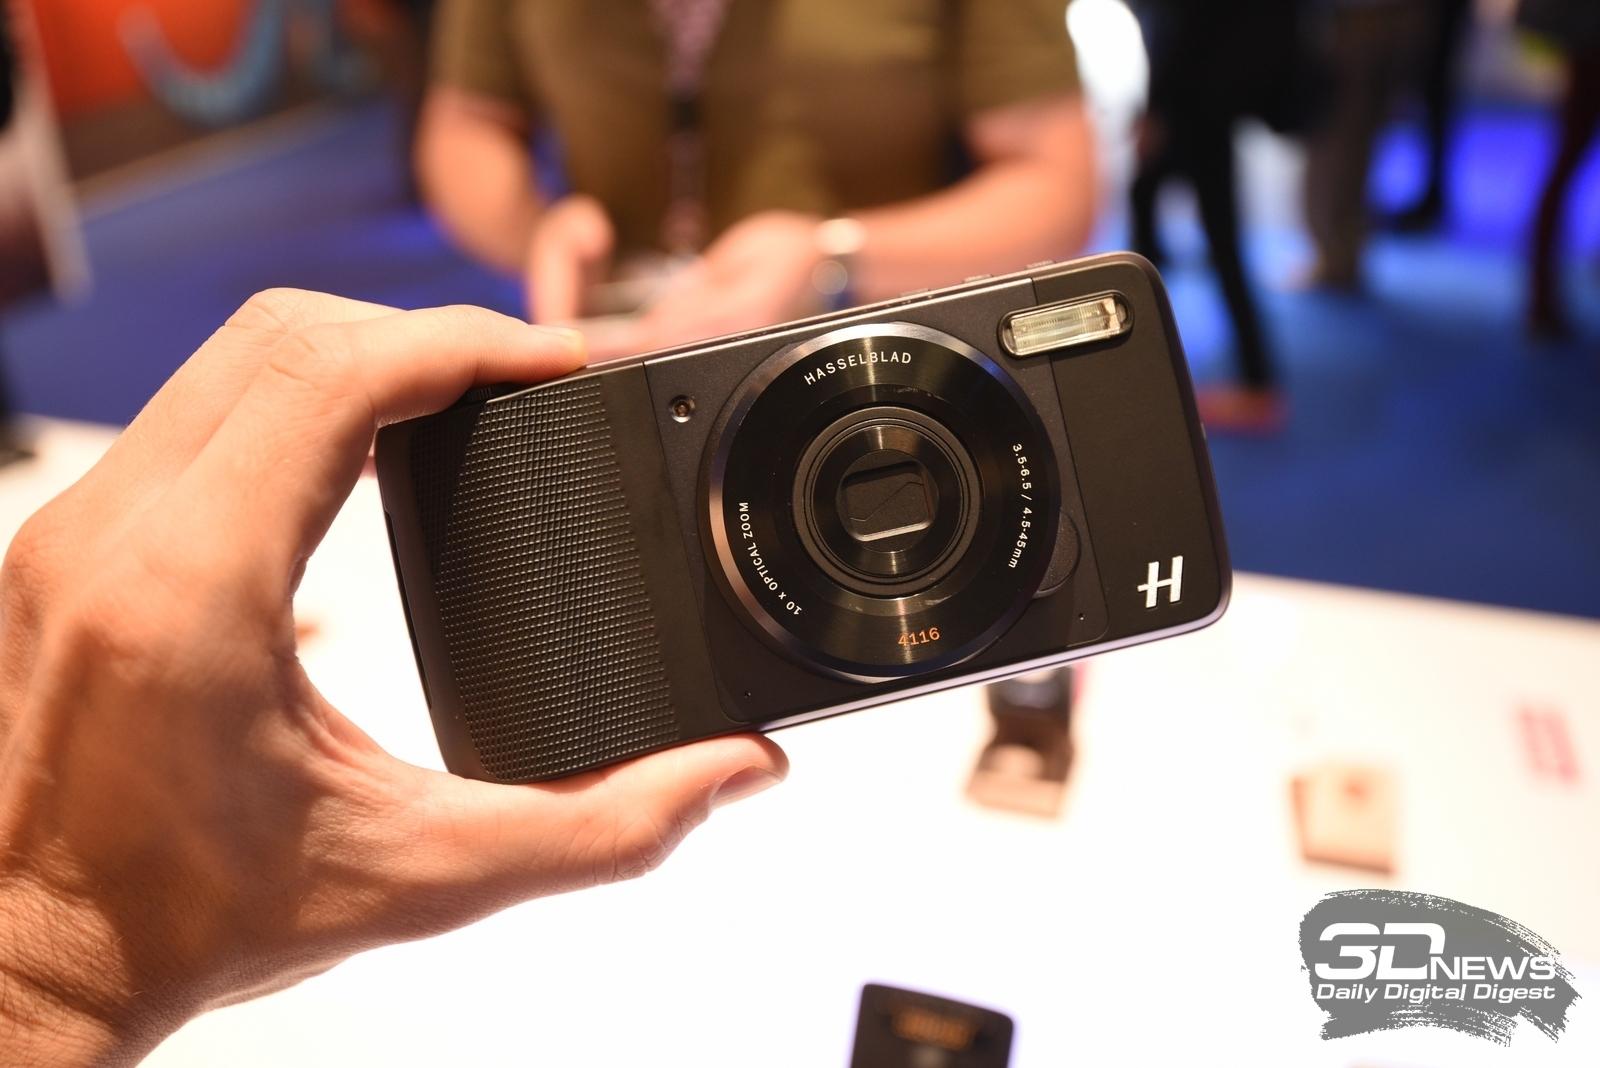 творческий натуре смартфоны моторола с фотоаппаратом славу самый крупный